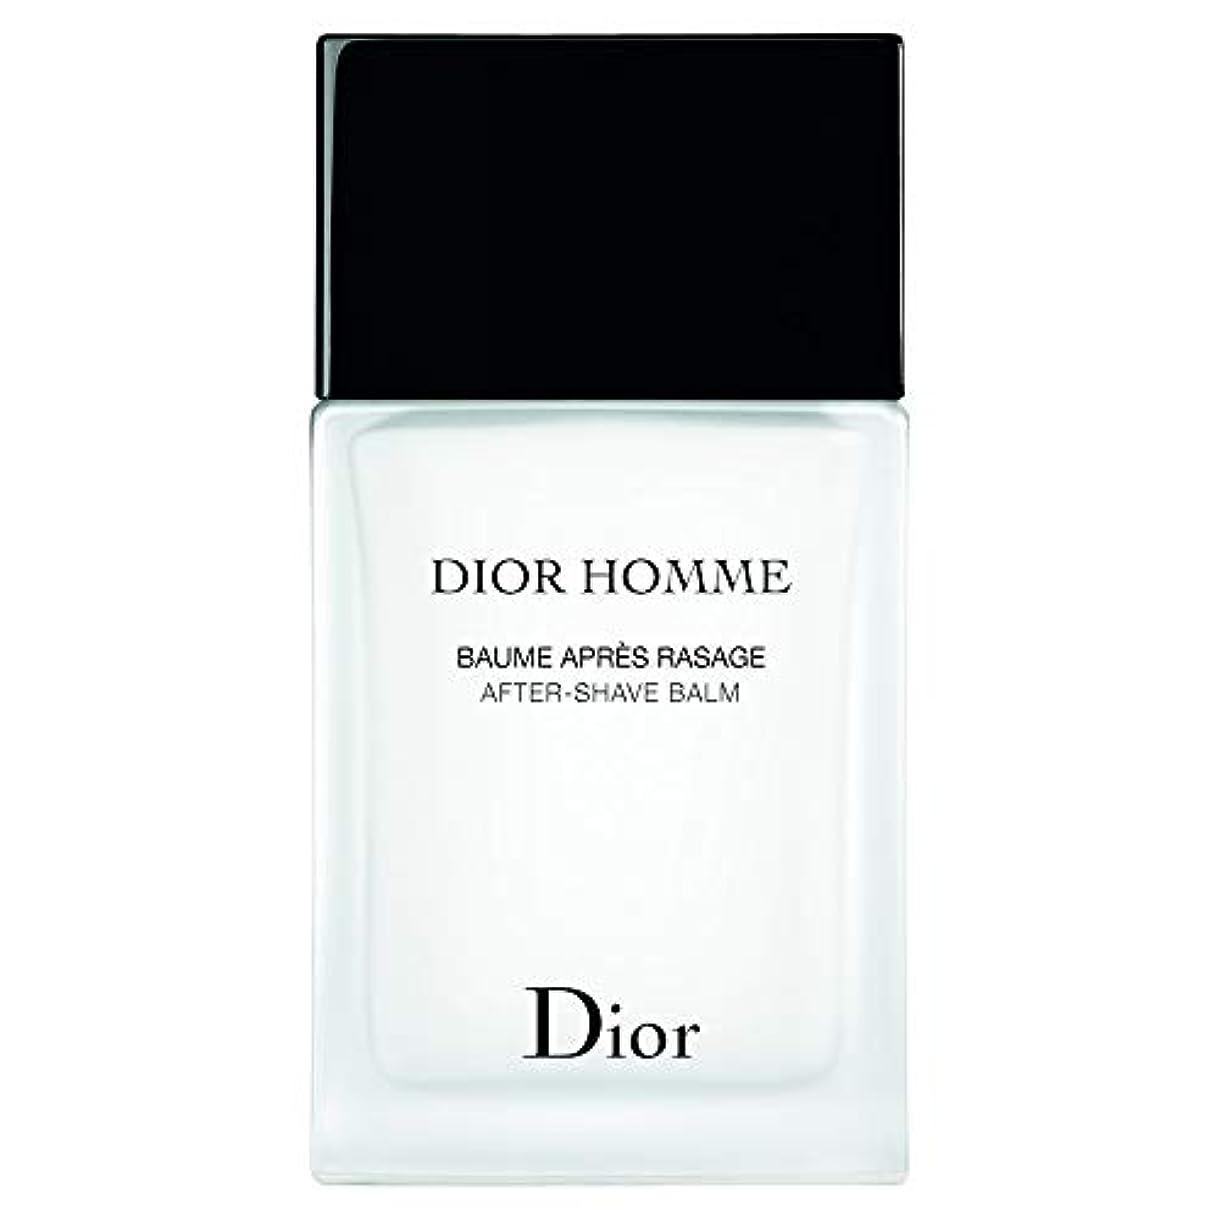 使役密度サークル[Dior] ディオールオムアフターシェーブバーム100ミリリットル - Dior Homme After-Shave Balm 100ml [並行輸入品]